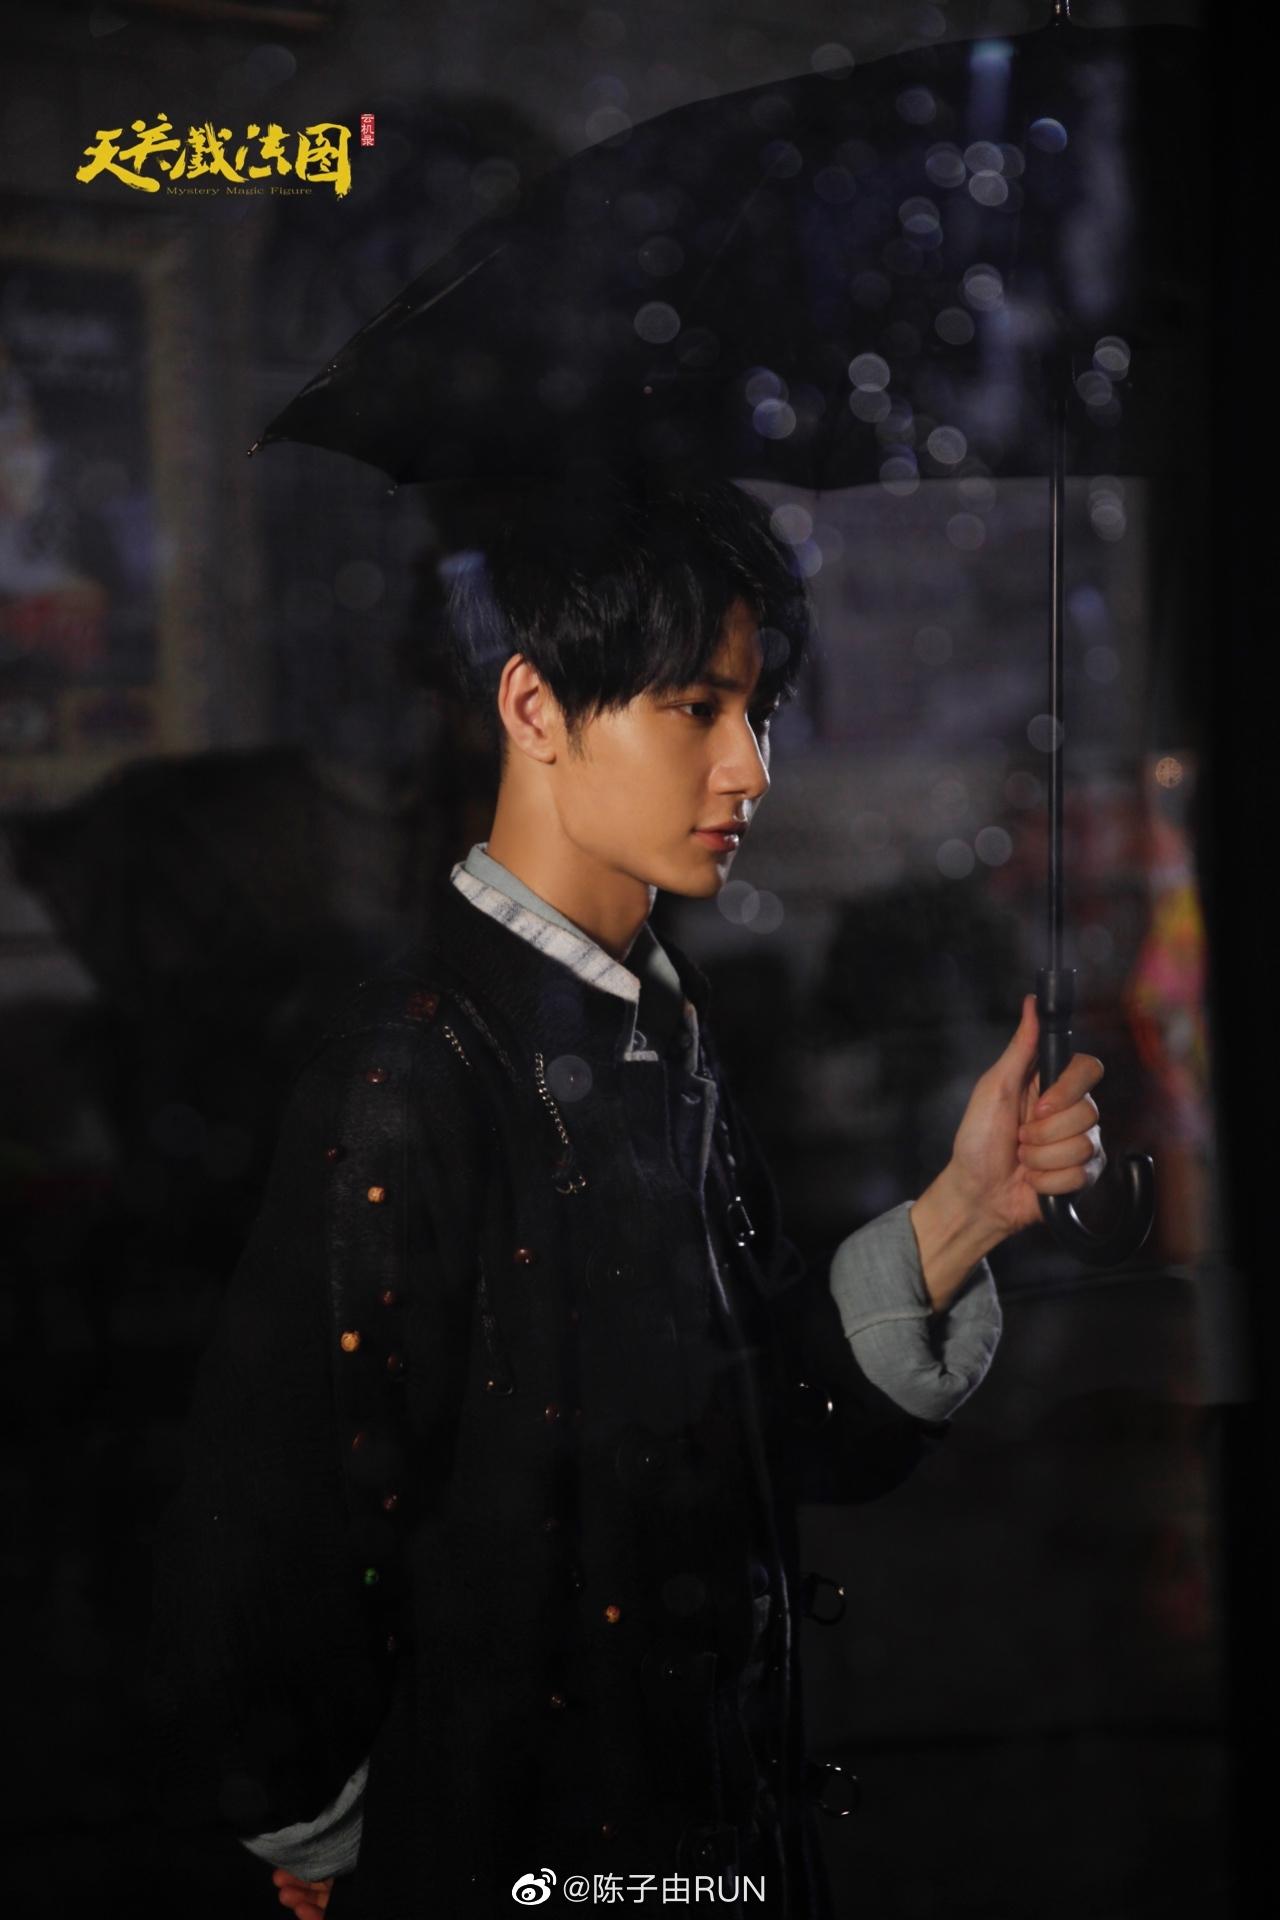 陈子由参演《云机录·天关戏法图》,少年眼底色彩是星辰大海的奔赴,也是重任在肩的使命。